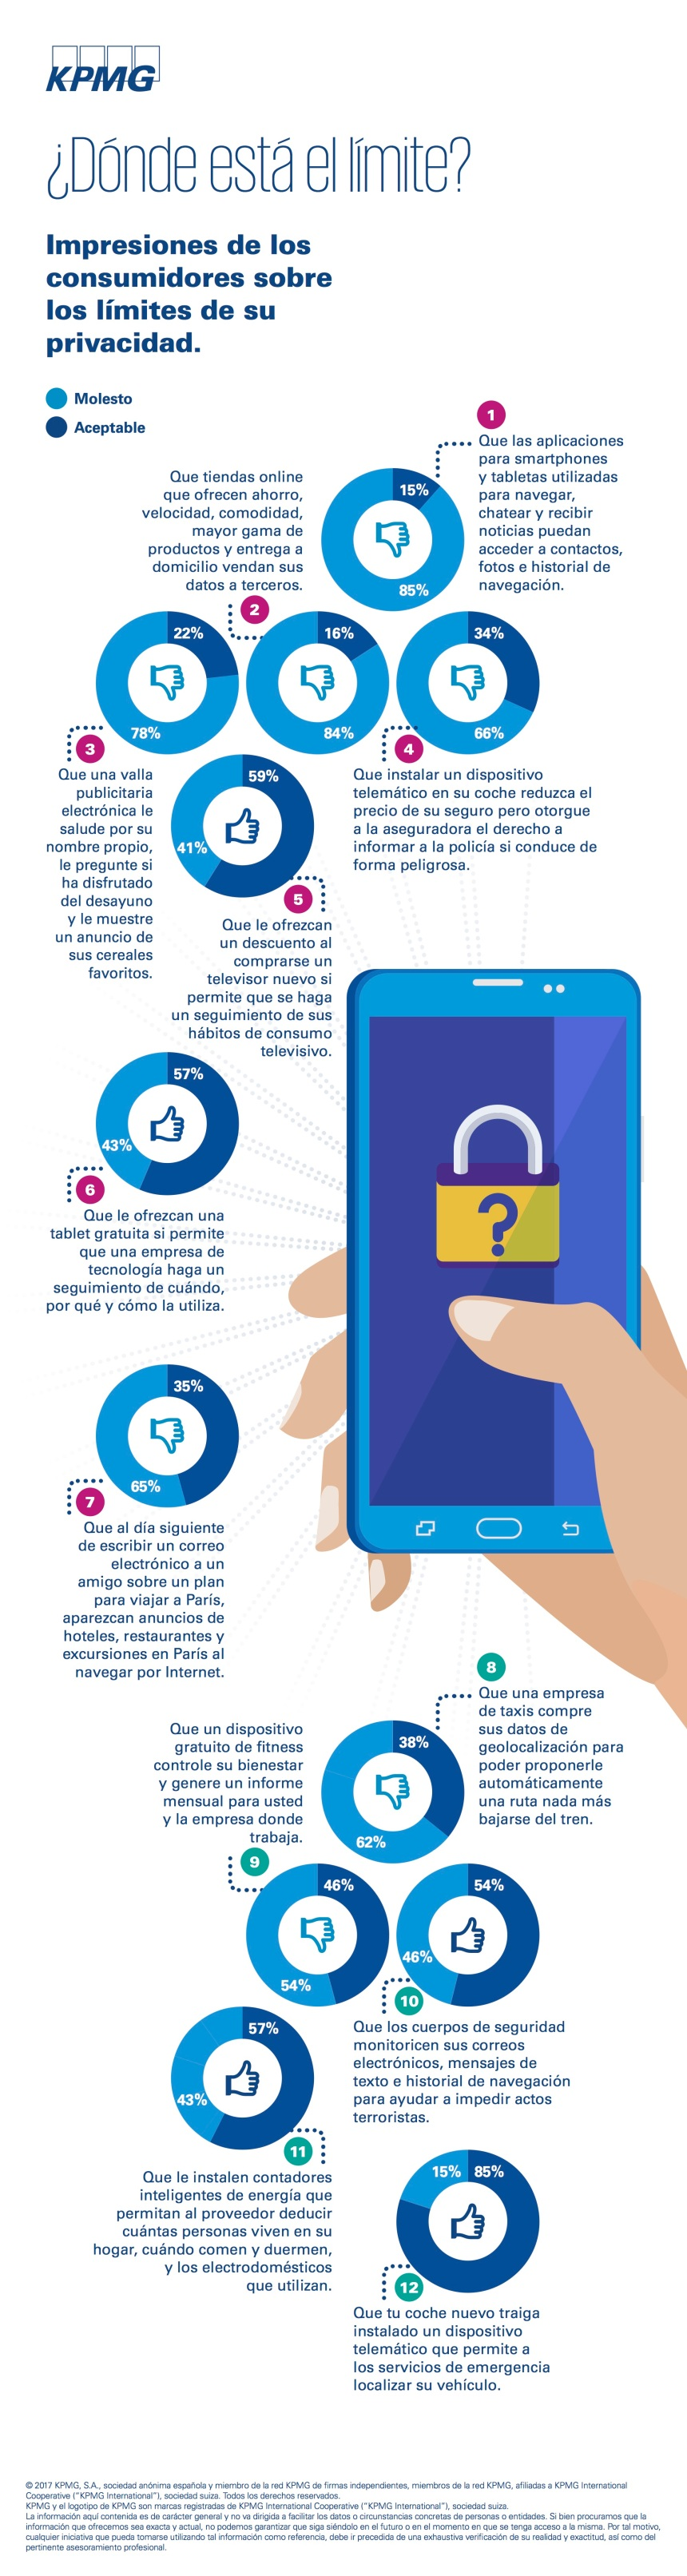 Privacidad: qué piensan los consumidores